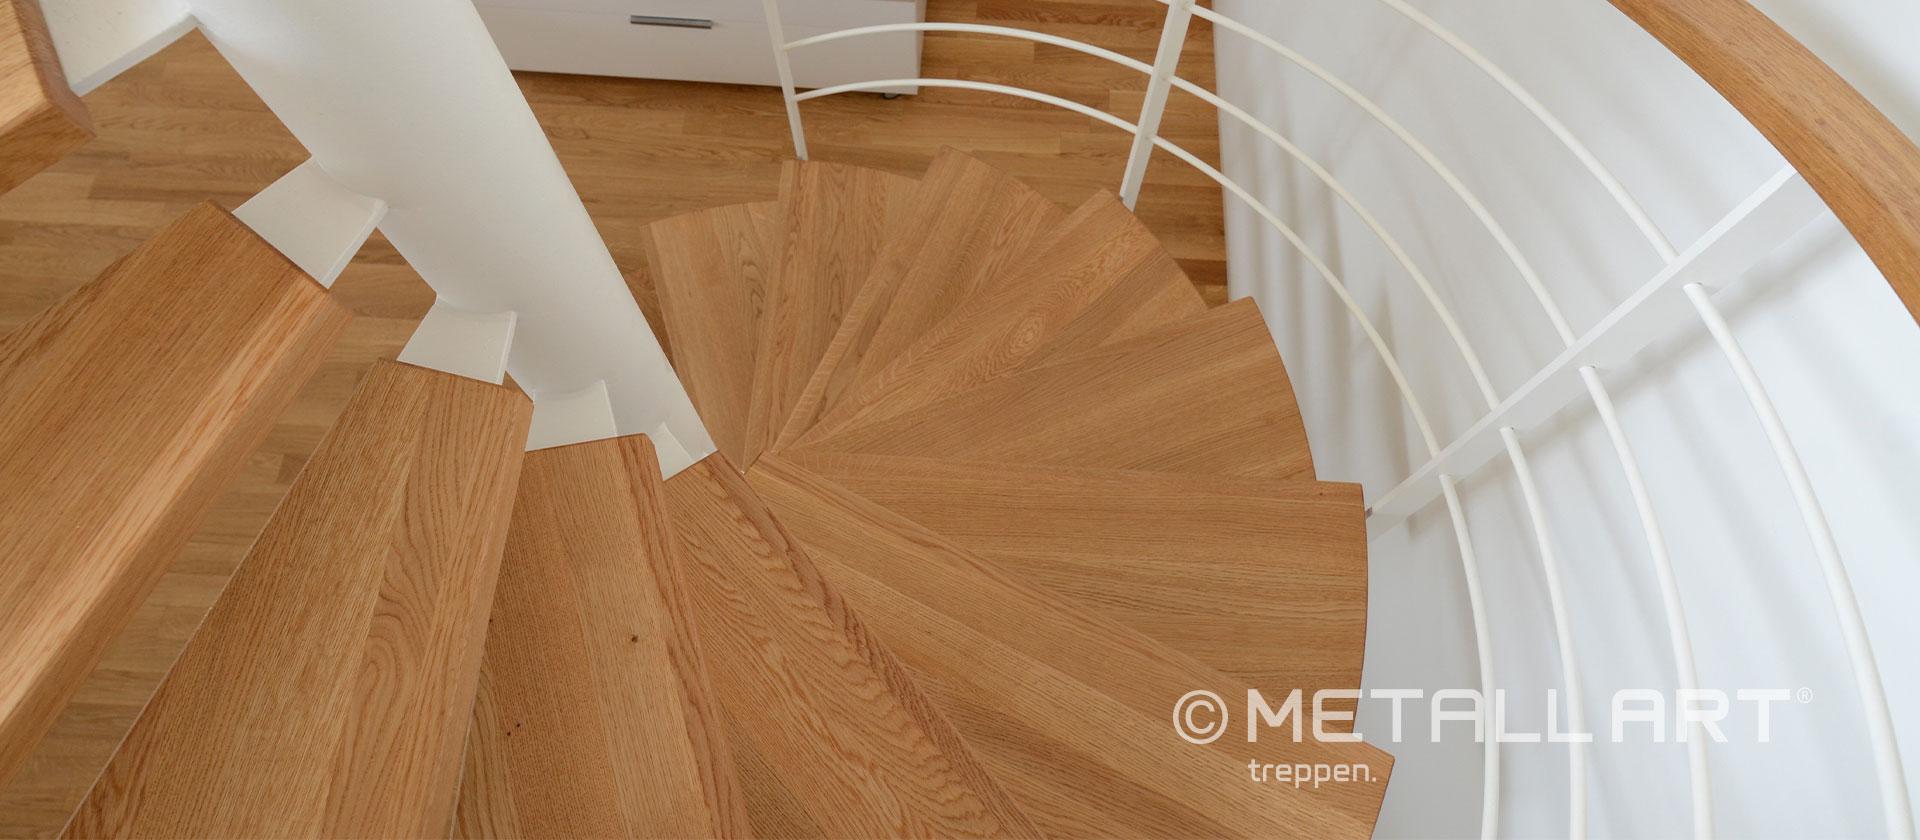 Treppenstufen Holz Spindeltreppe